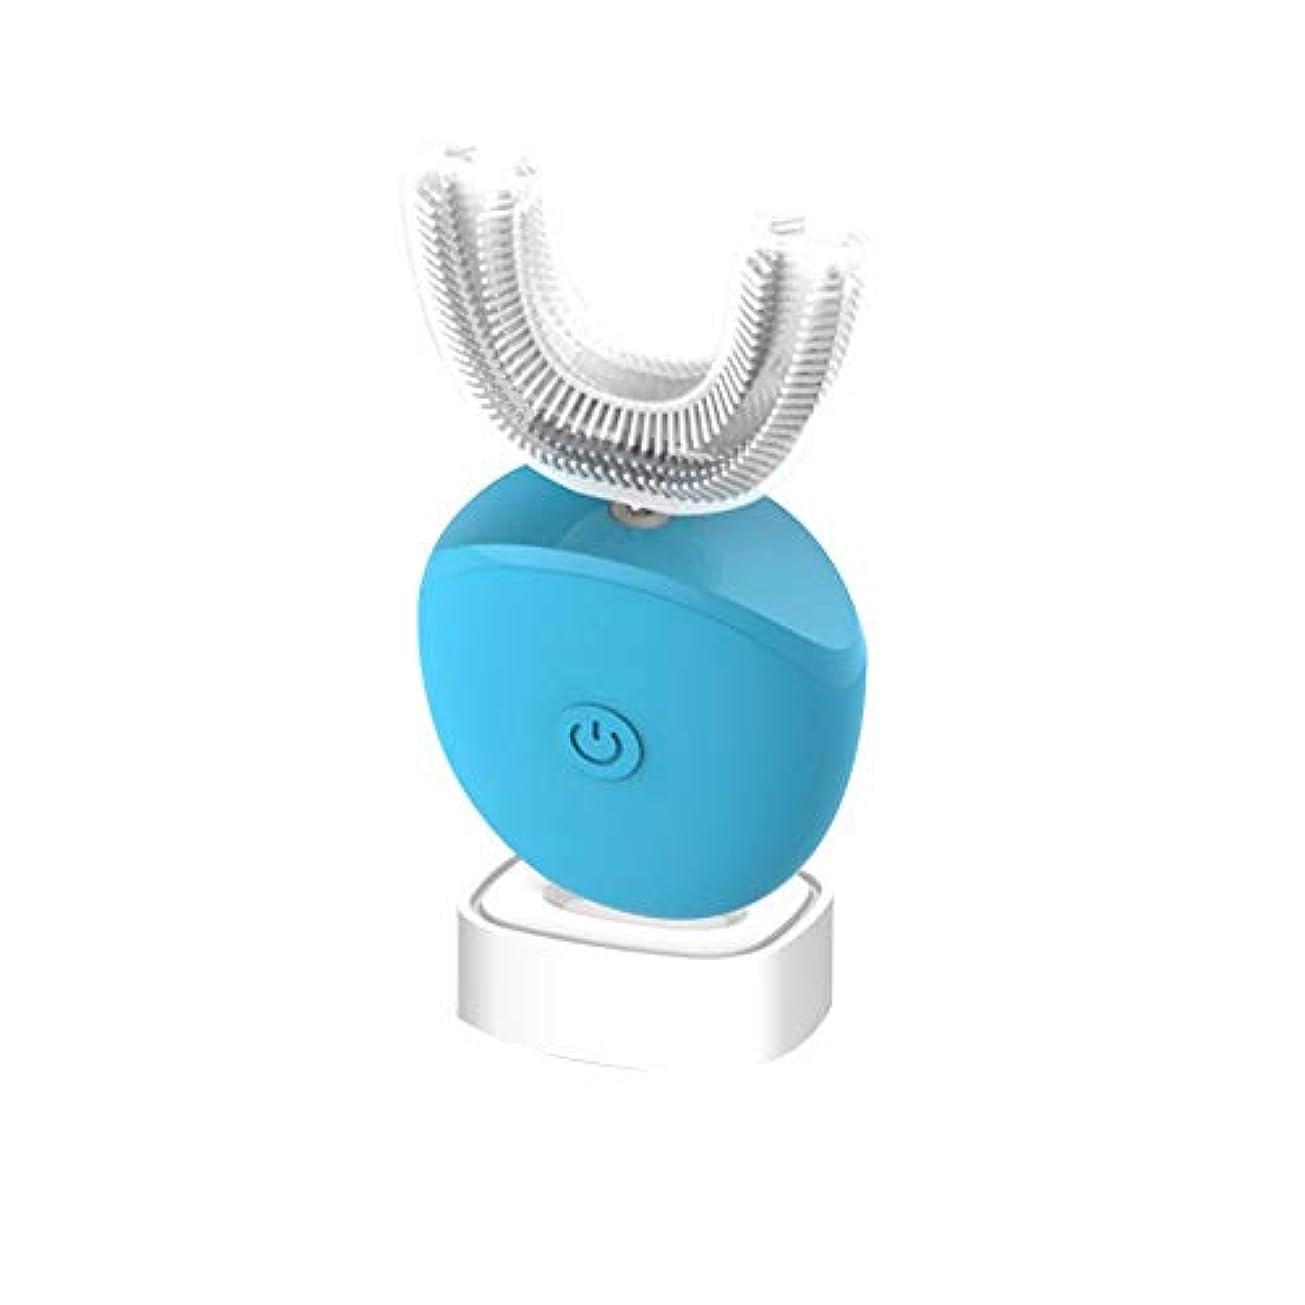 モンスターピザ三角フルオートマチック可変周波数電動歯ブラシ、自動360度U字型電動歯ブラシ、ワイヤレス充電IPX7防水自動歯ブラシ(大人用),Blue